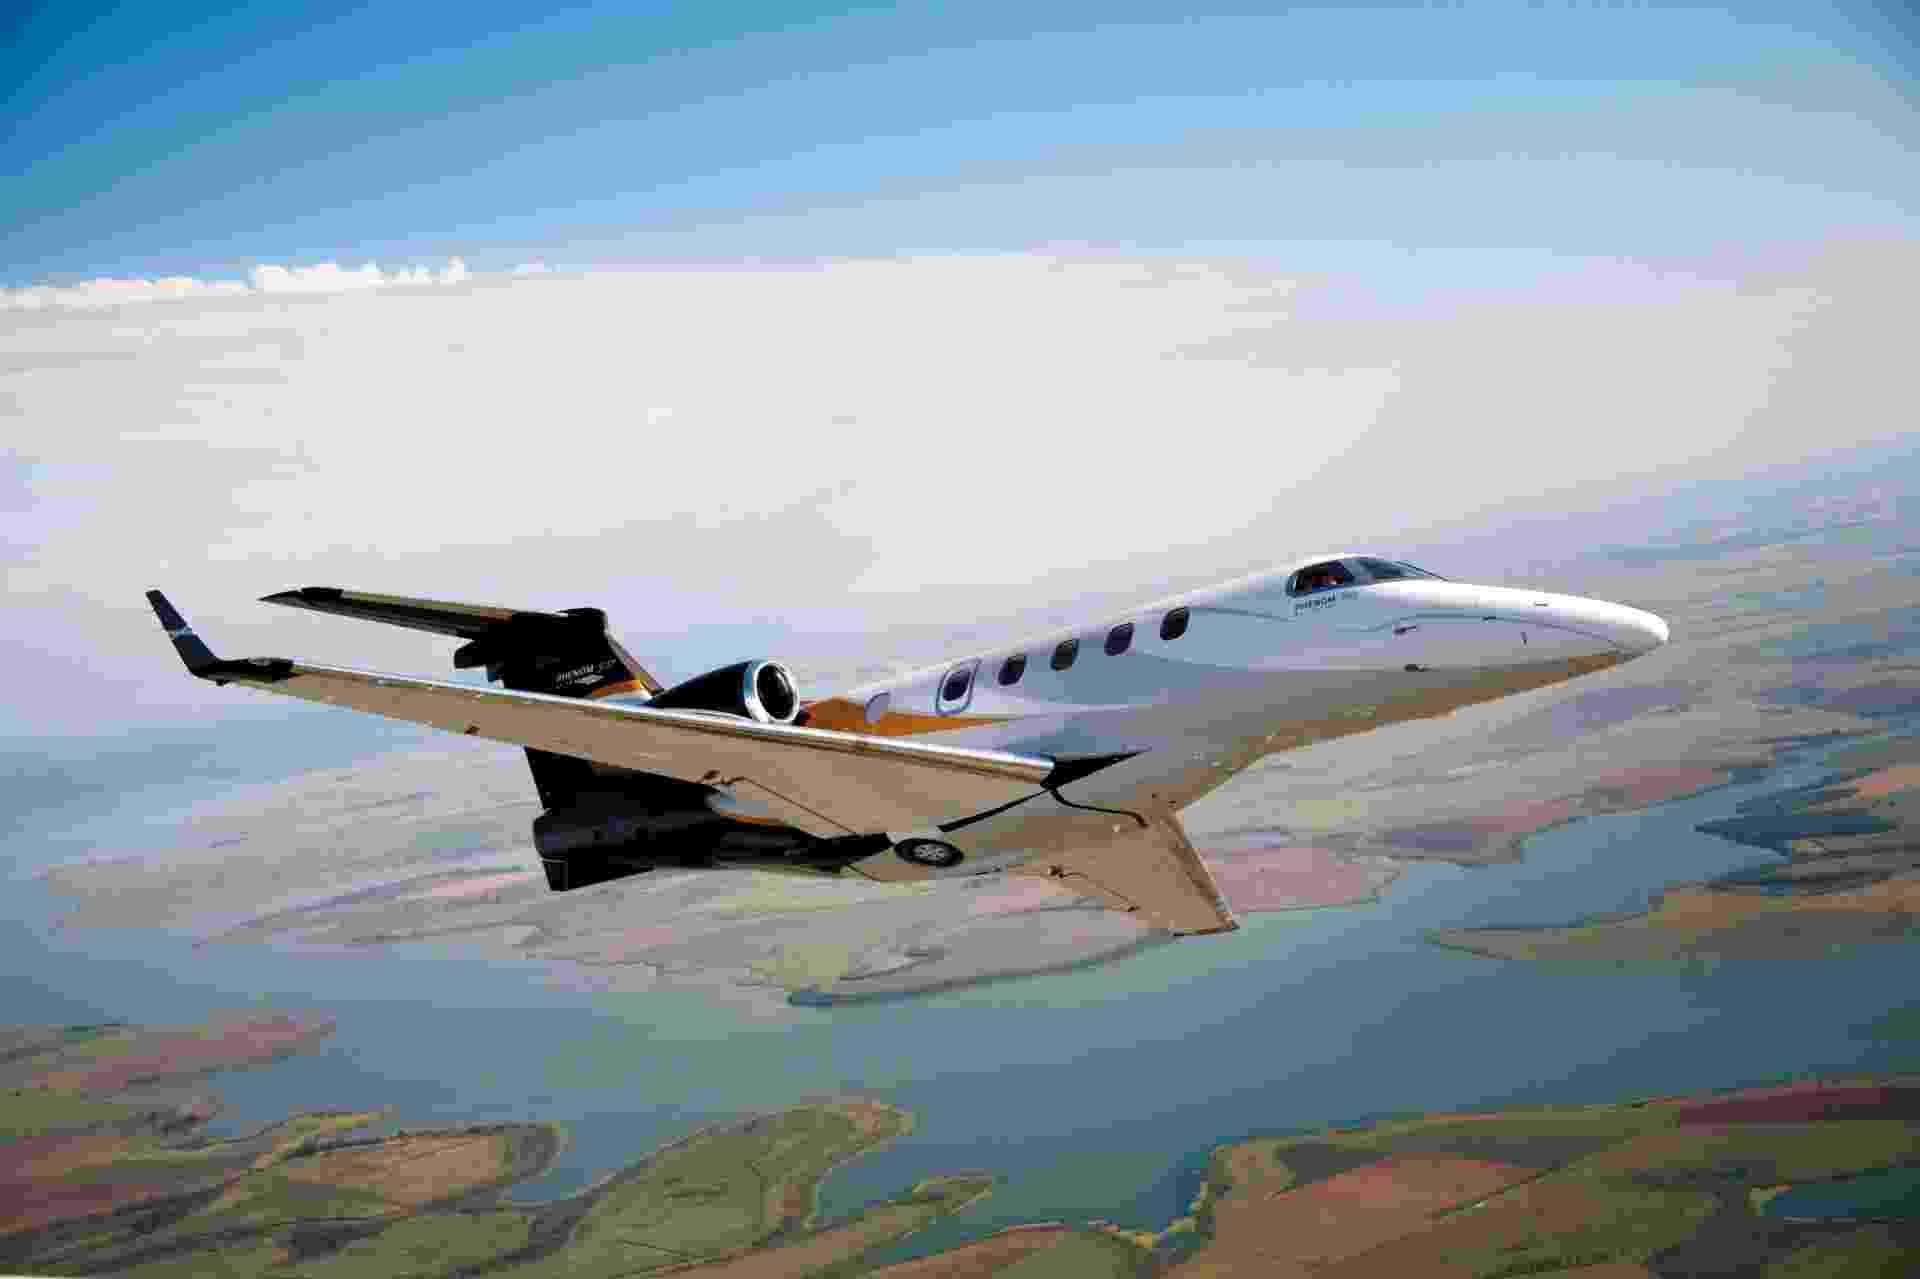 O agronegócio tem puxado as vendas de aeronaves executivas no Brasil; na imagem, o Phenom 300, da Embraer, que custa US$ 9 milhões e é um dos usados pelos fazendeiros - Embraer/Divulgação